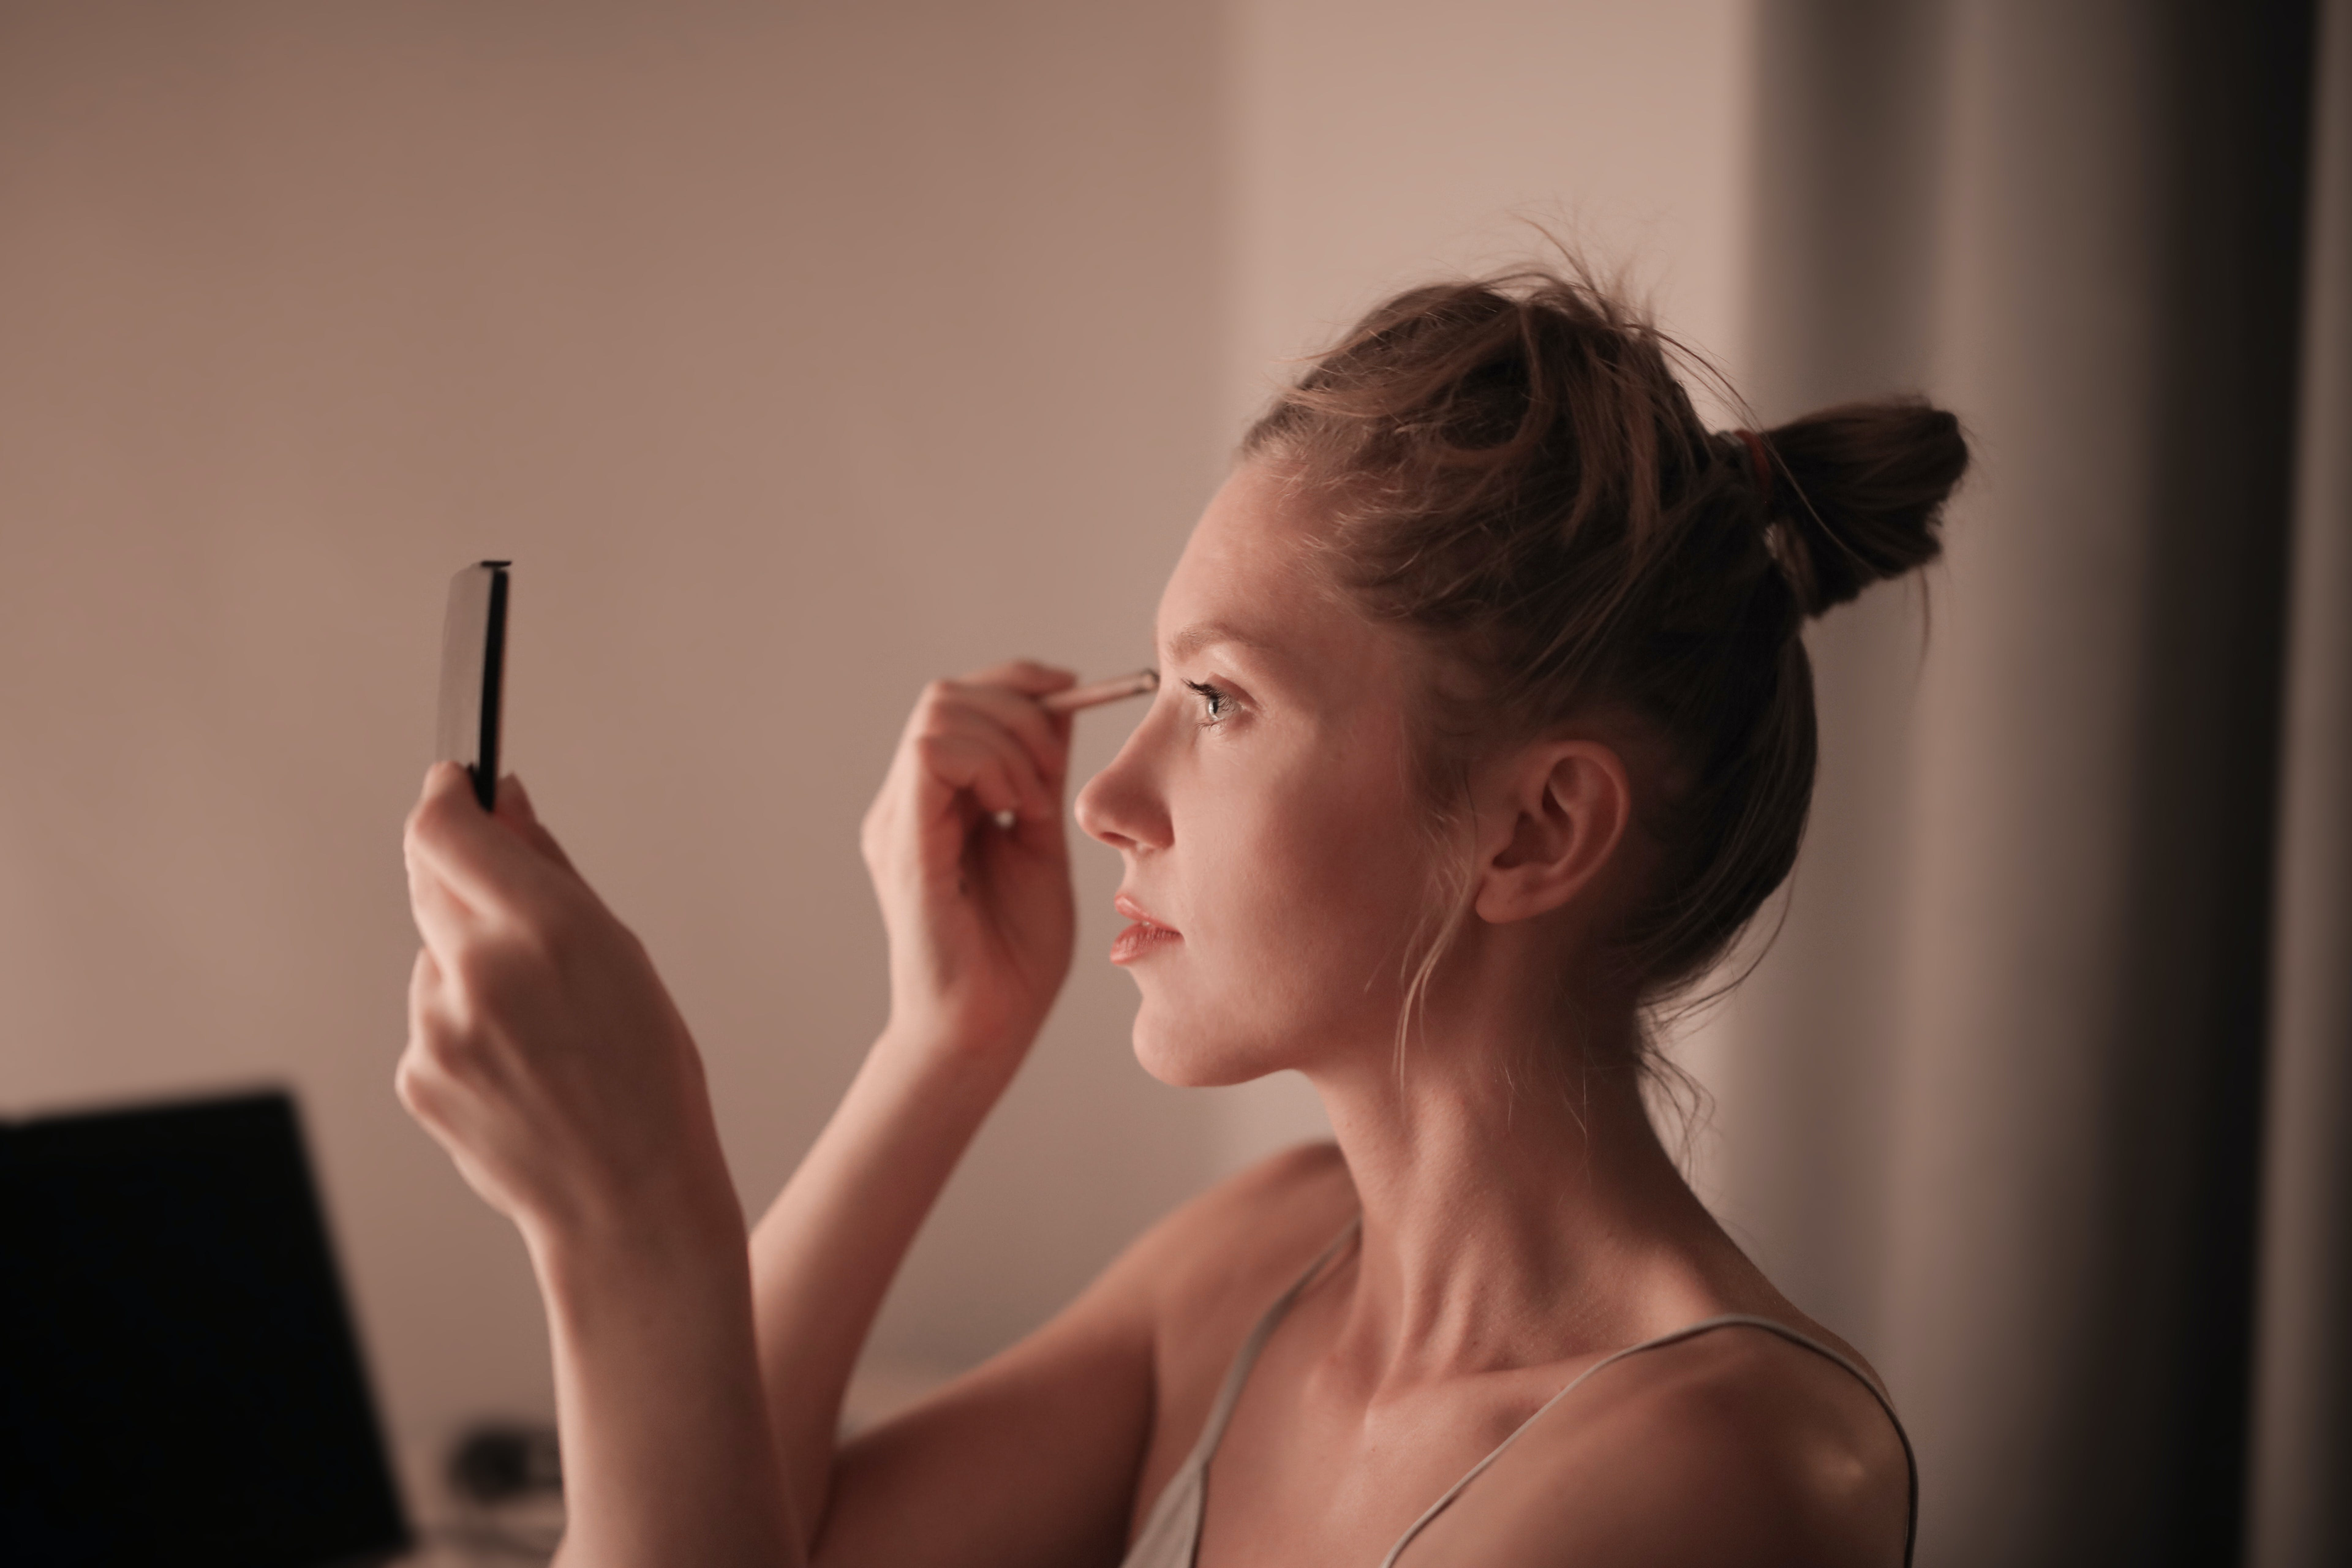 Woman Putting Makeup on Face